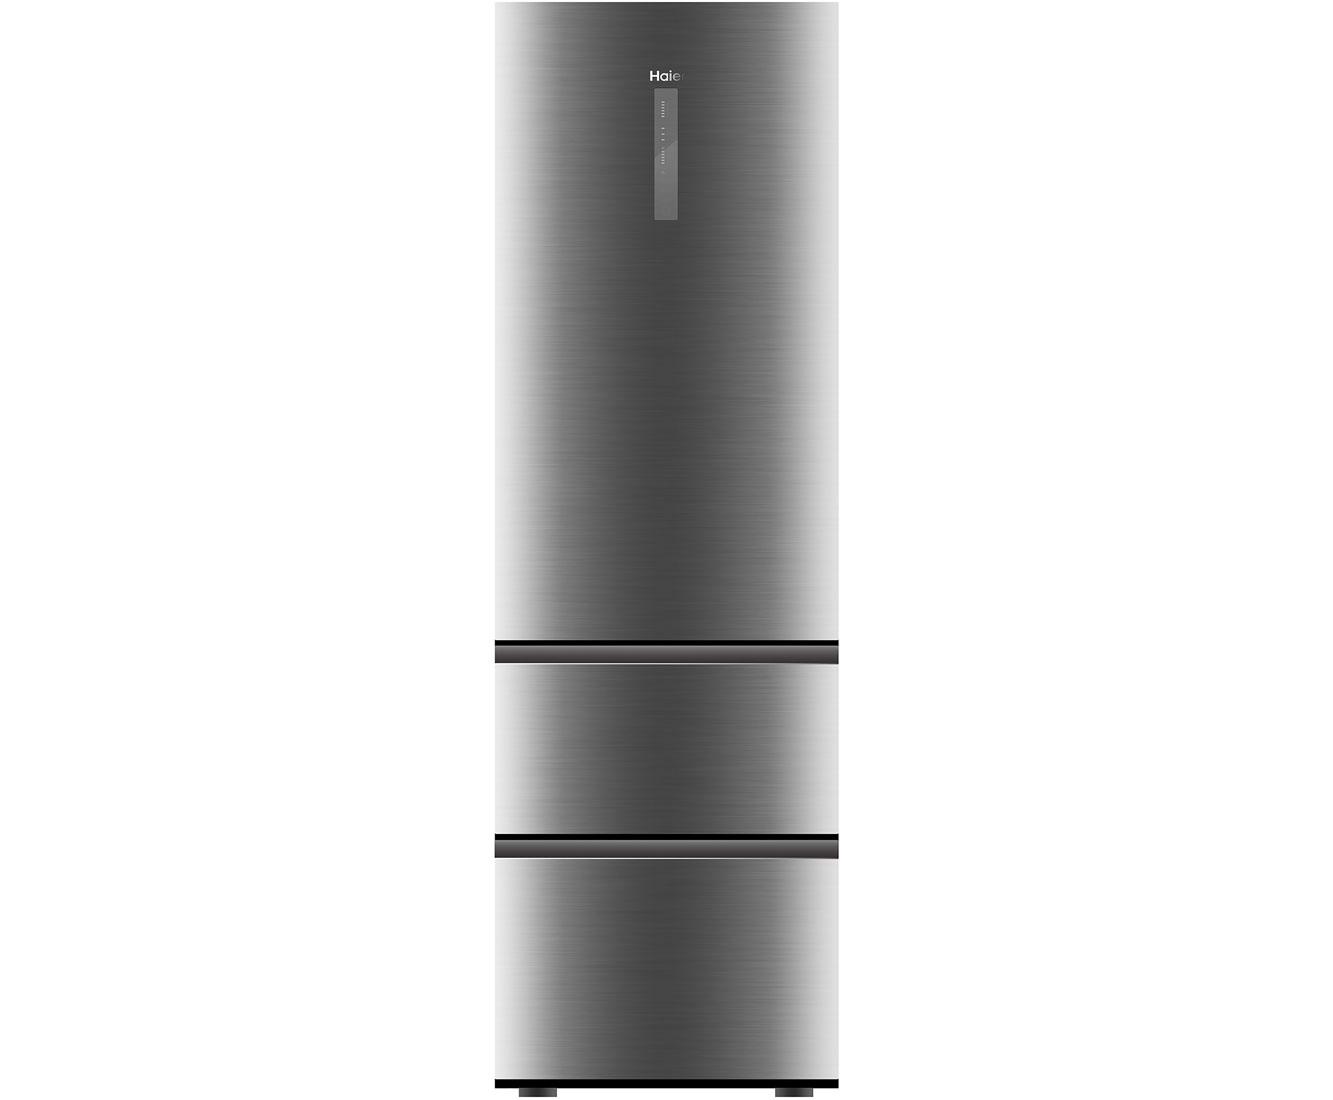 Haier A3FE735CMJ Kühl-Gefrierkombinationen - Edelstahl | Küche und Esszimmer > Küchenelektrogeräte > Kühl-Gefrierkombis | Edelstahl | Haier